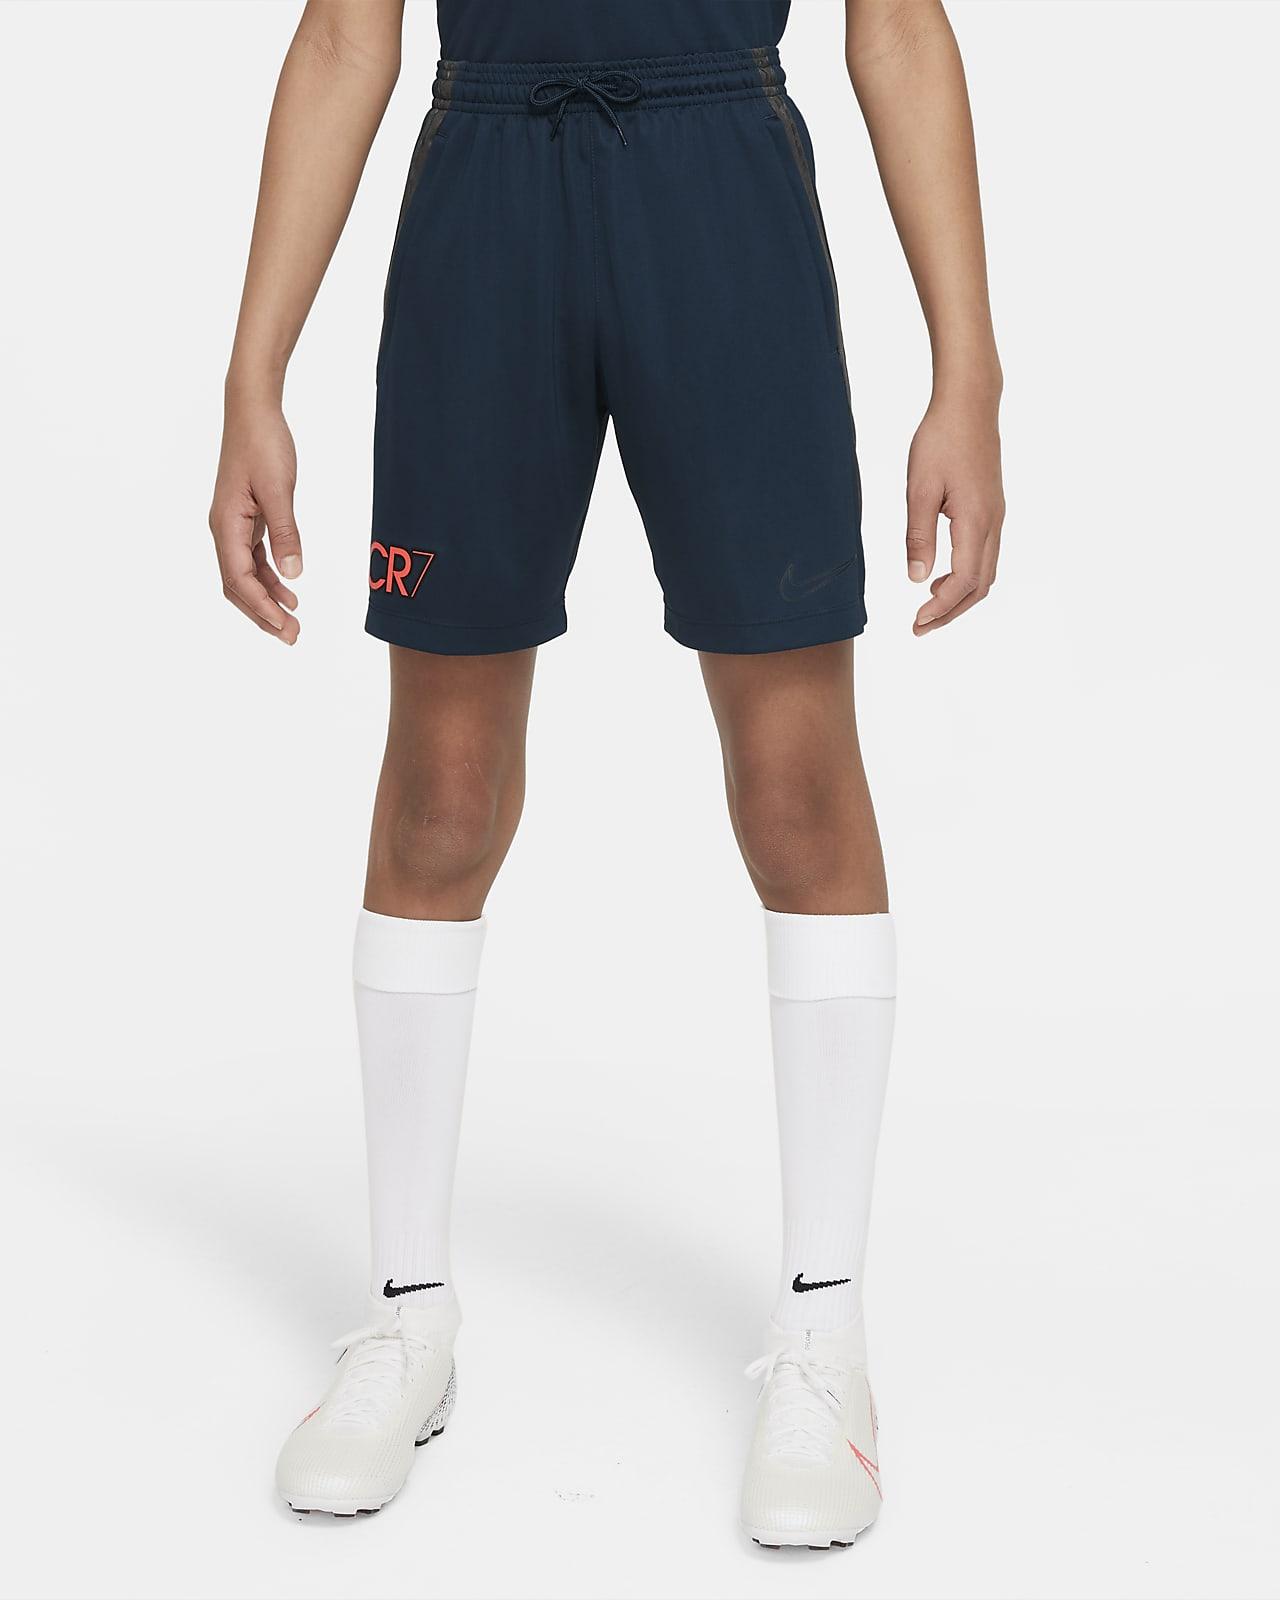 Nike Dri-FIT CR7 Older Kids' Football Shorts